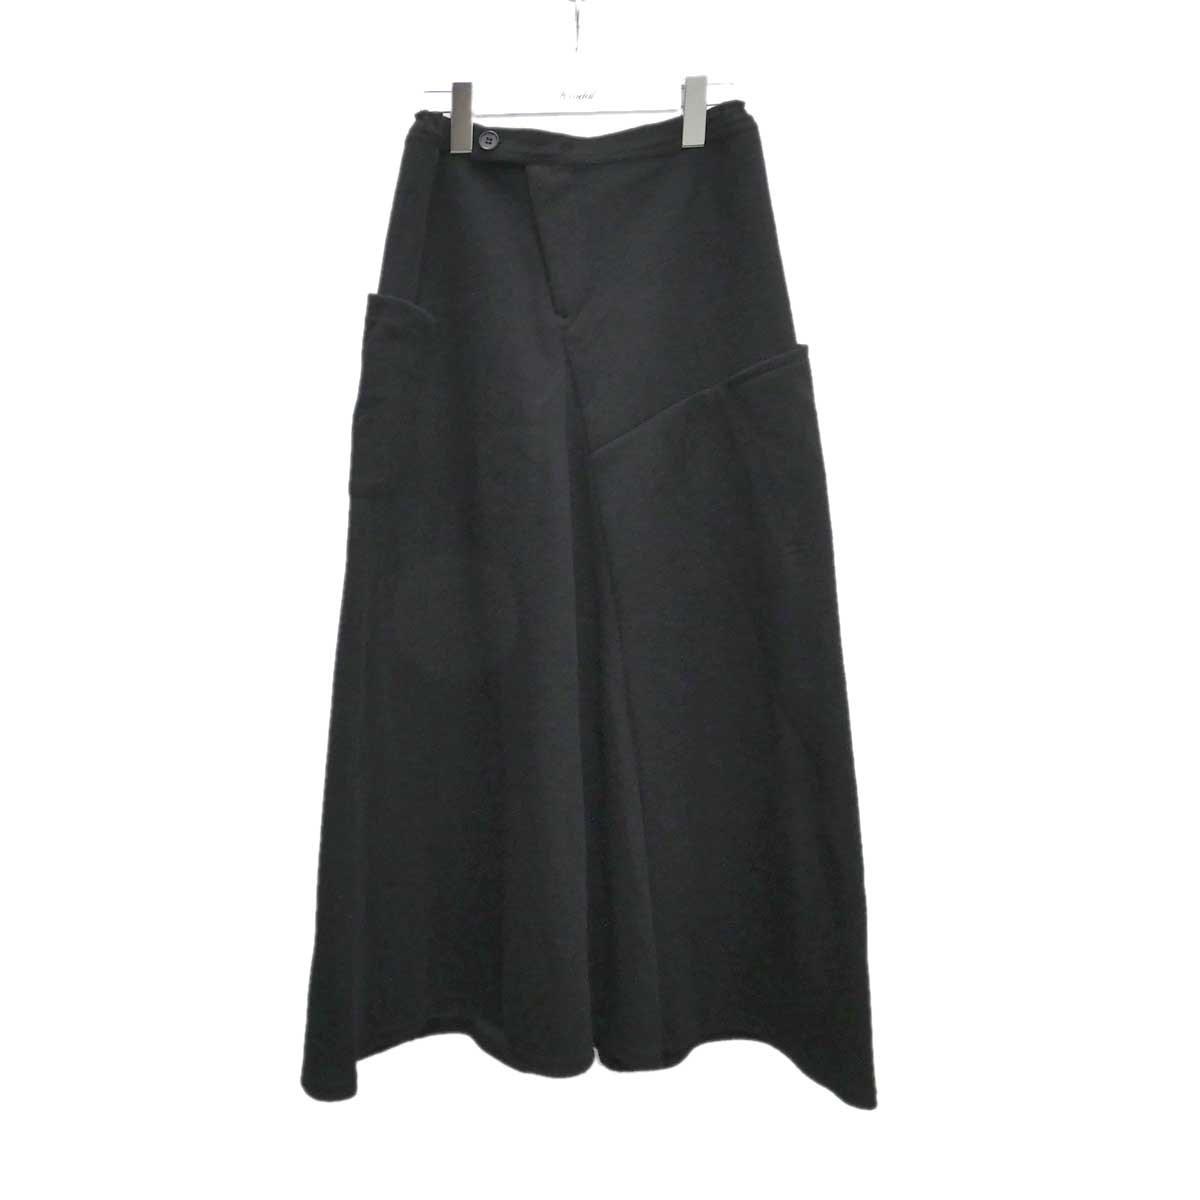 【中古】Ys ロングニットスカート ブラック サイズ:2 【040920】(ワイズ)